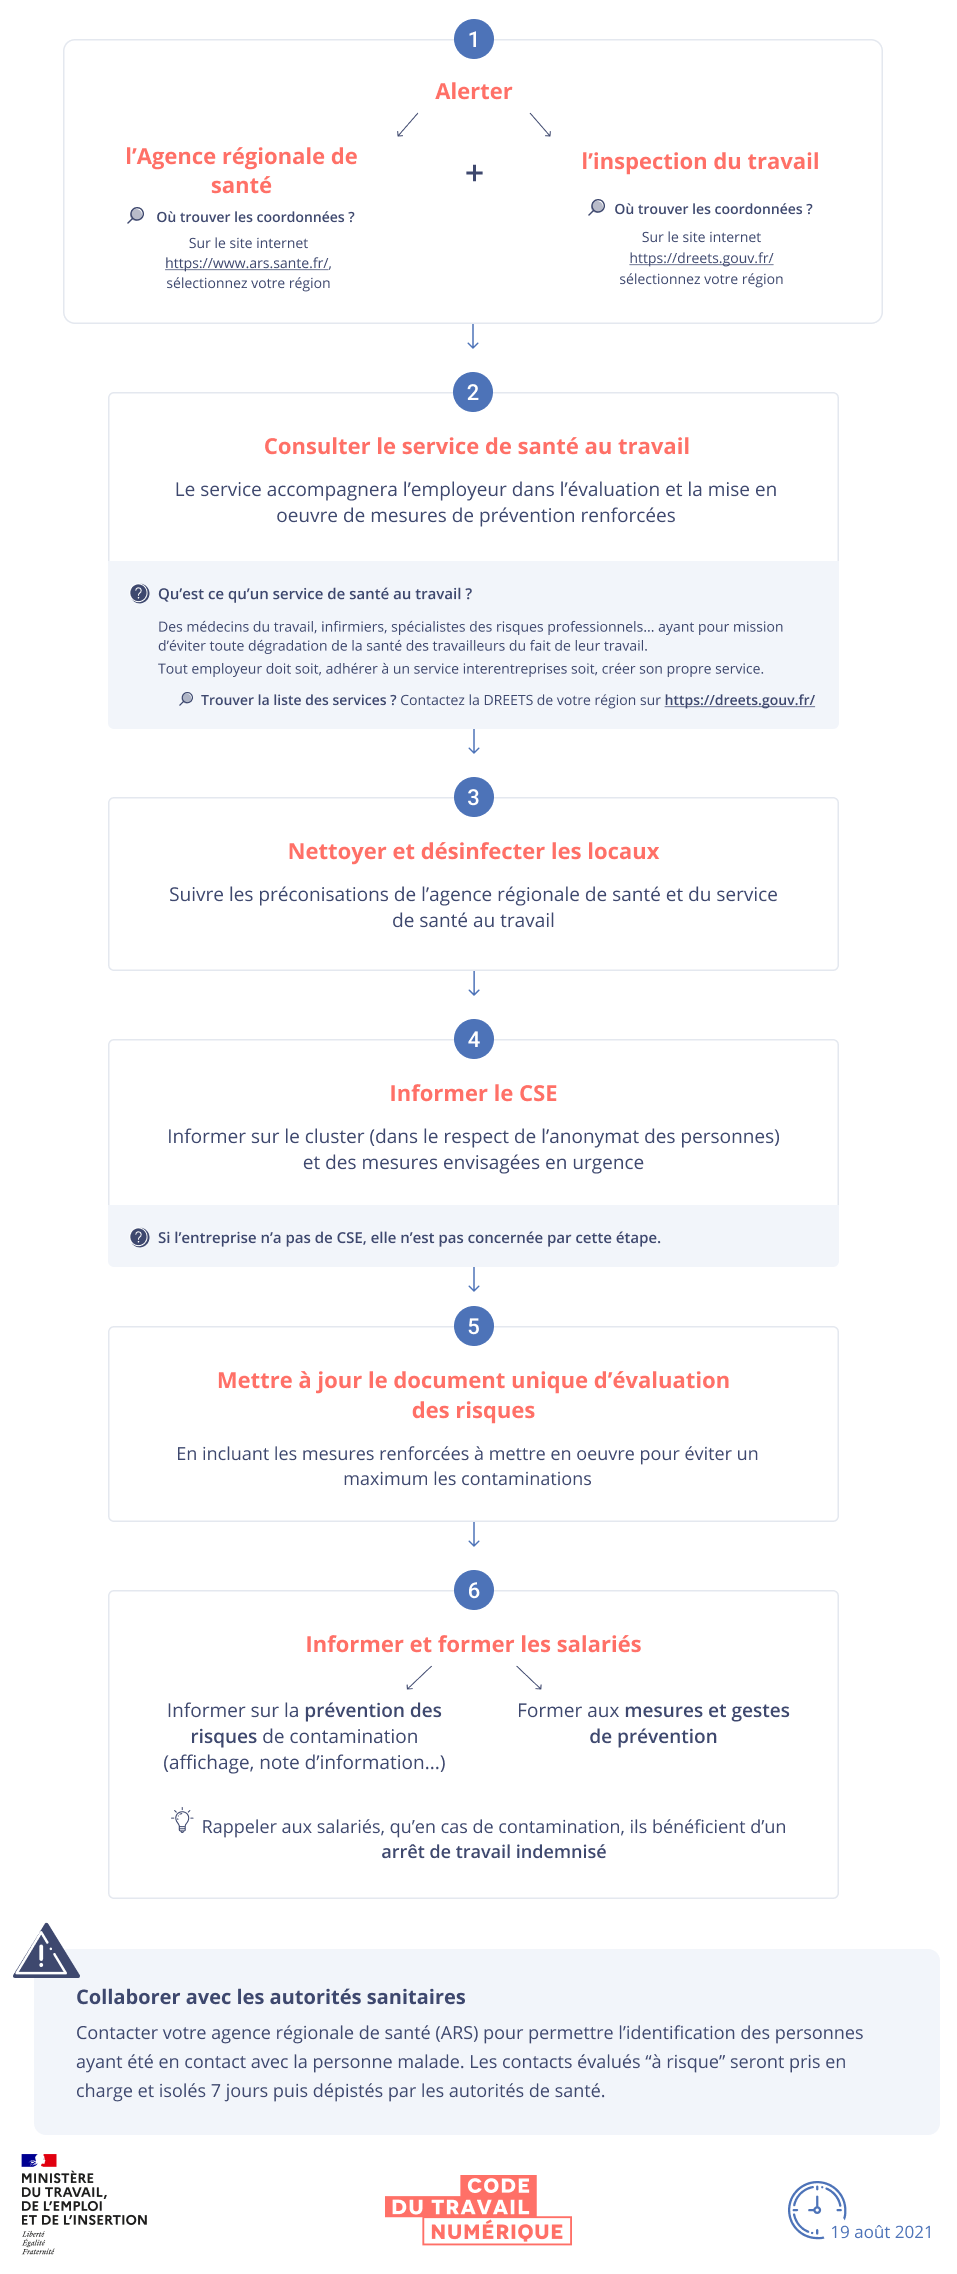 Infographie schématisant la procédure à suivre en cas de cluster dans l'entreprise. Une version textuelle est disponible en dessous.